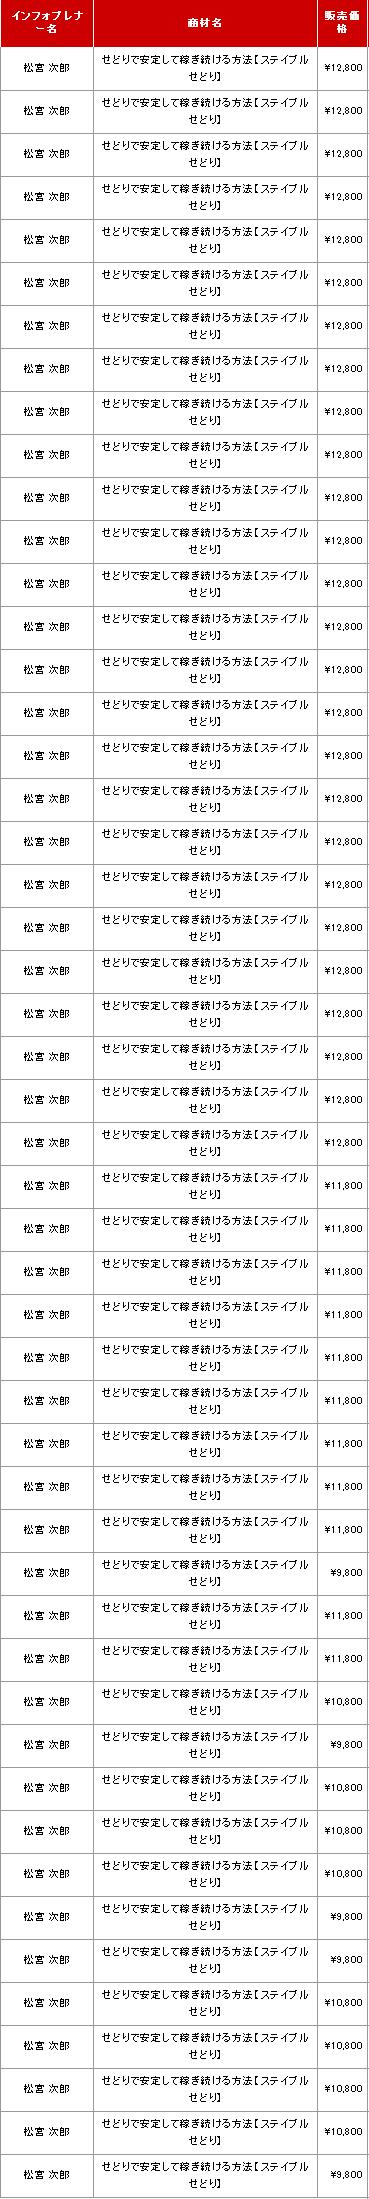 ステイブルせどり売2011.10